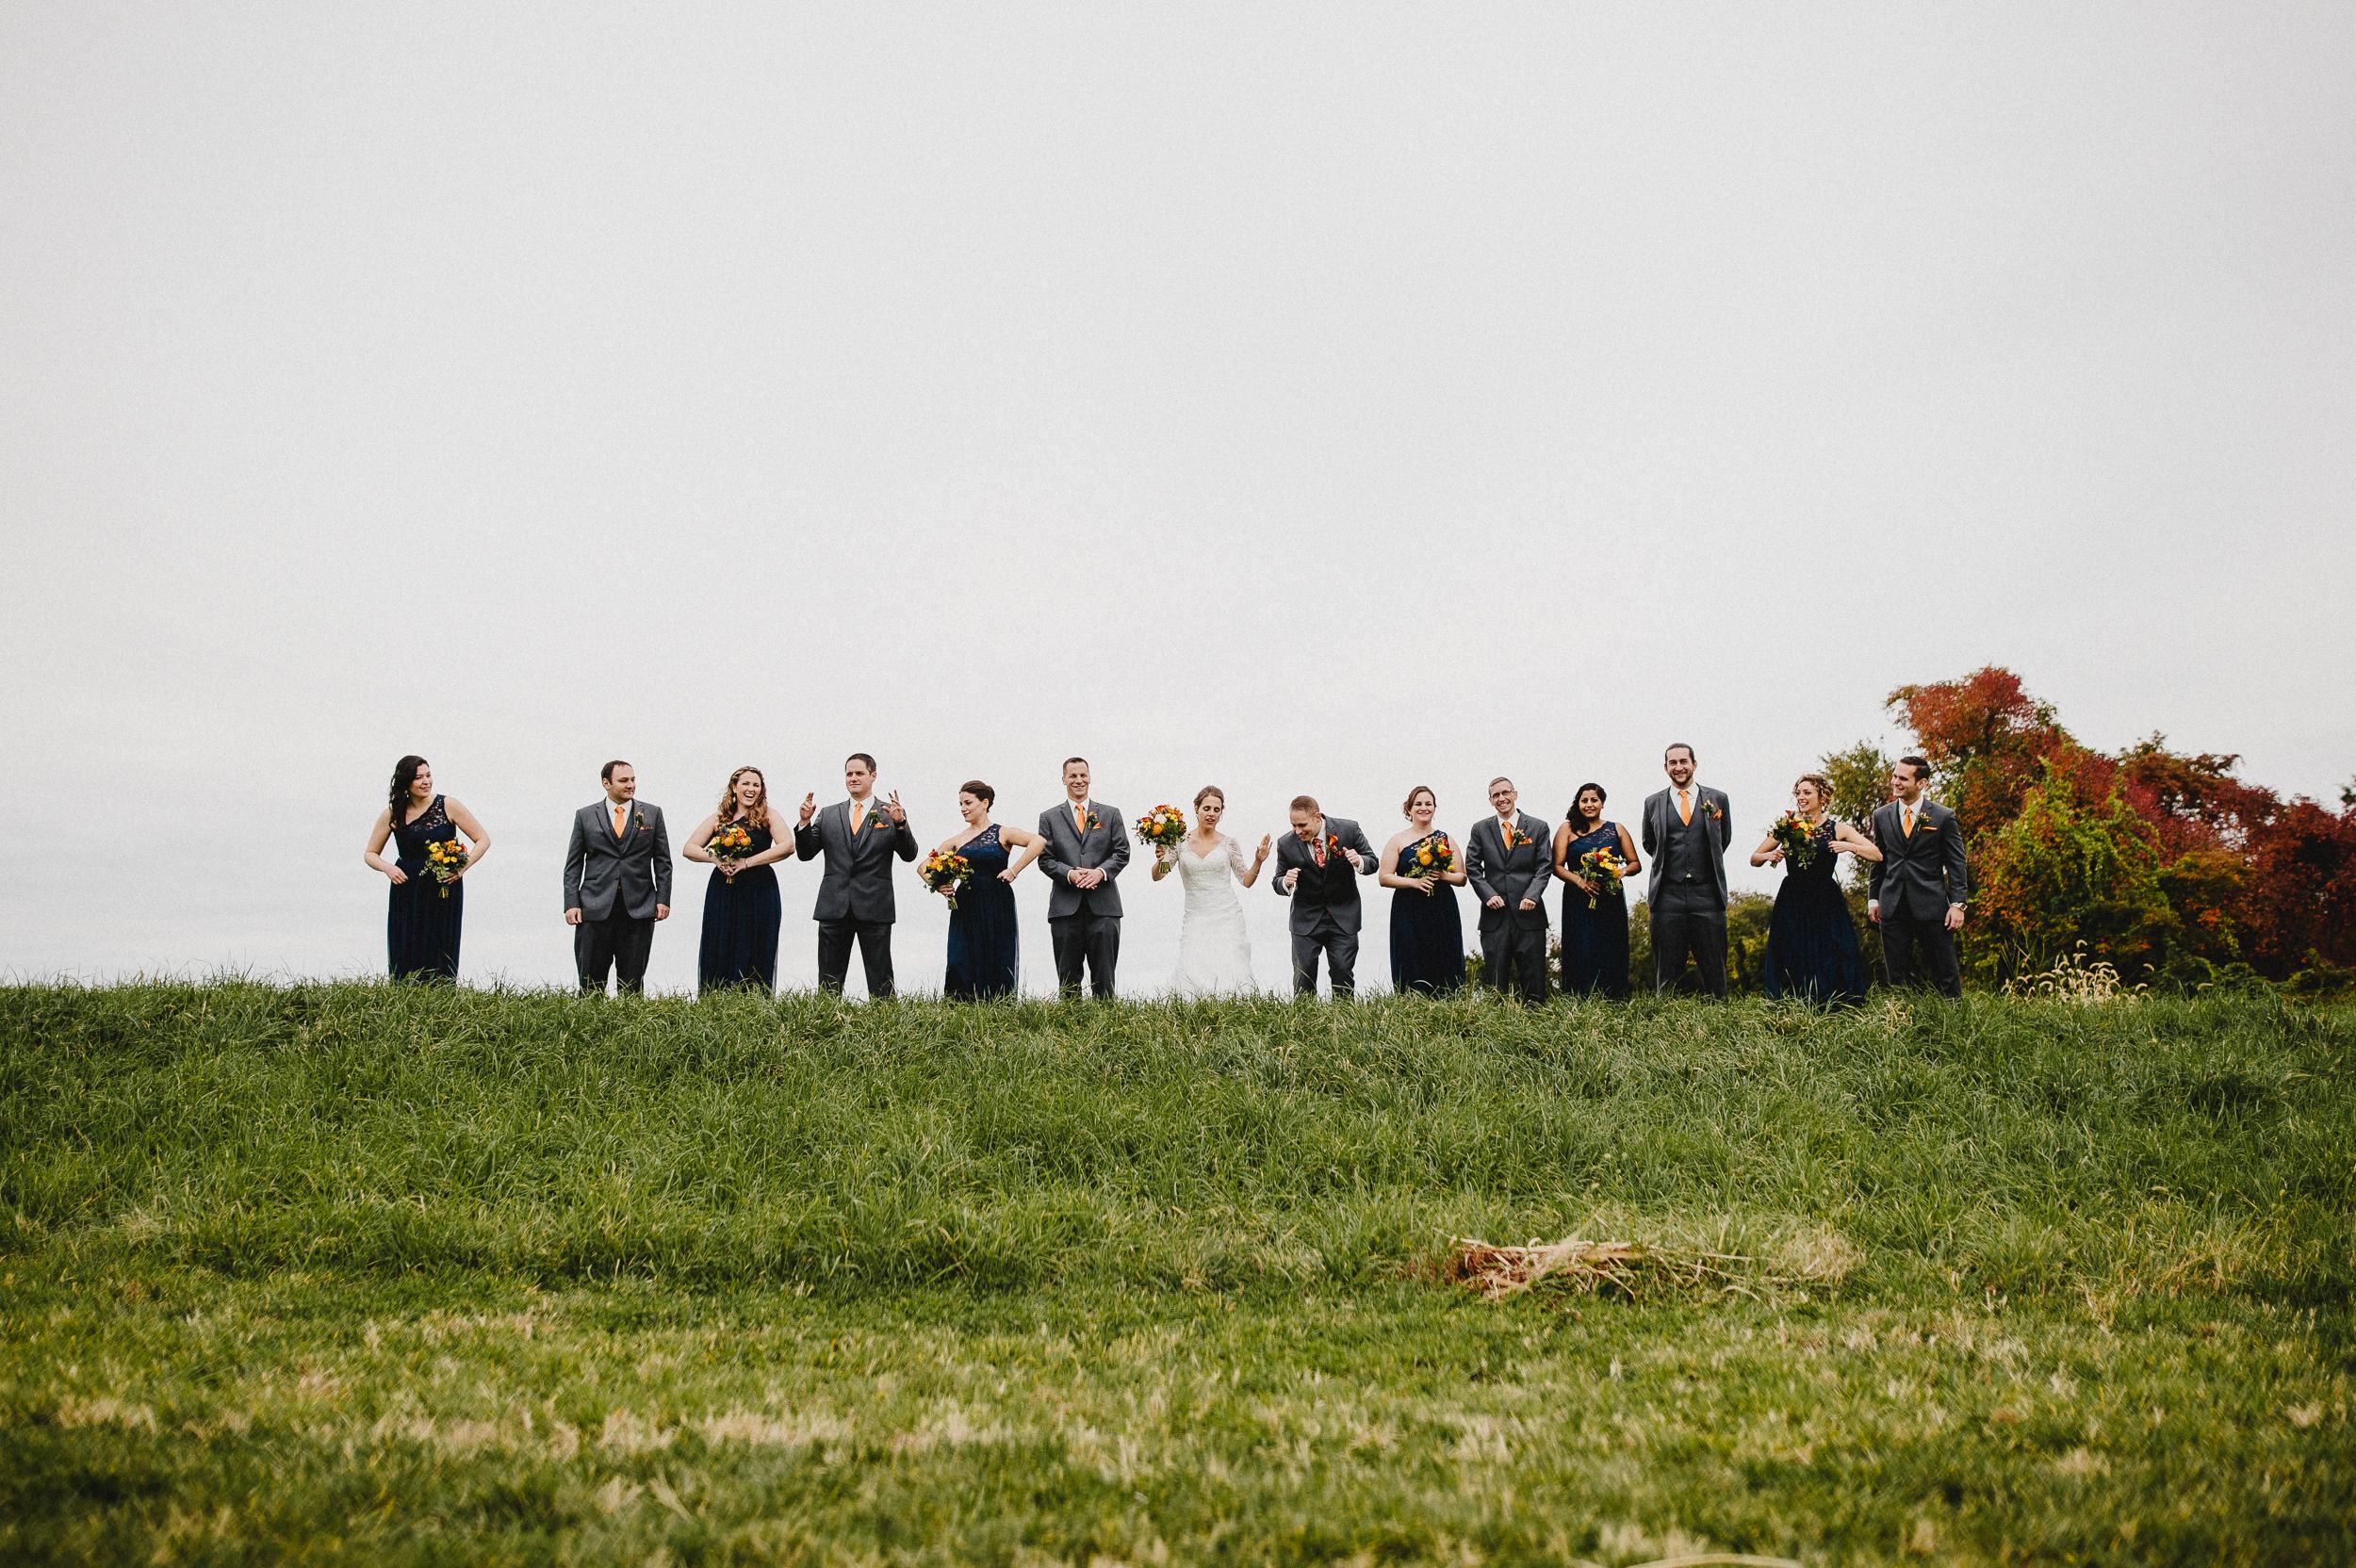 thousand-acre-farm-wedding-photographer-48.jpg